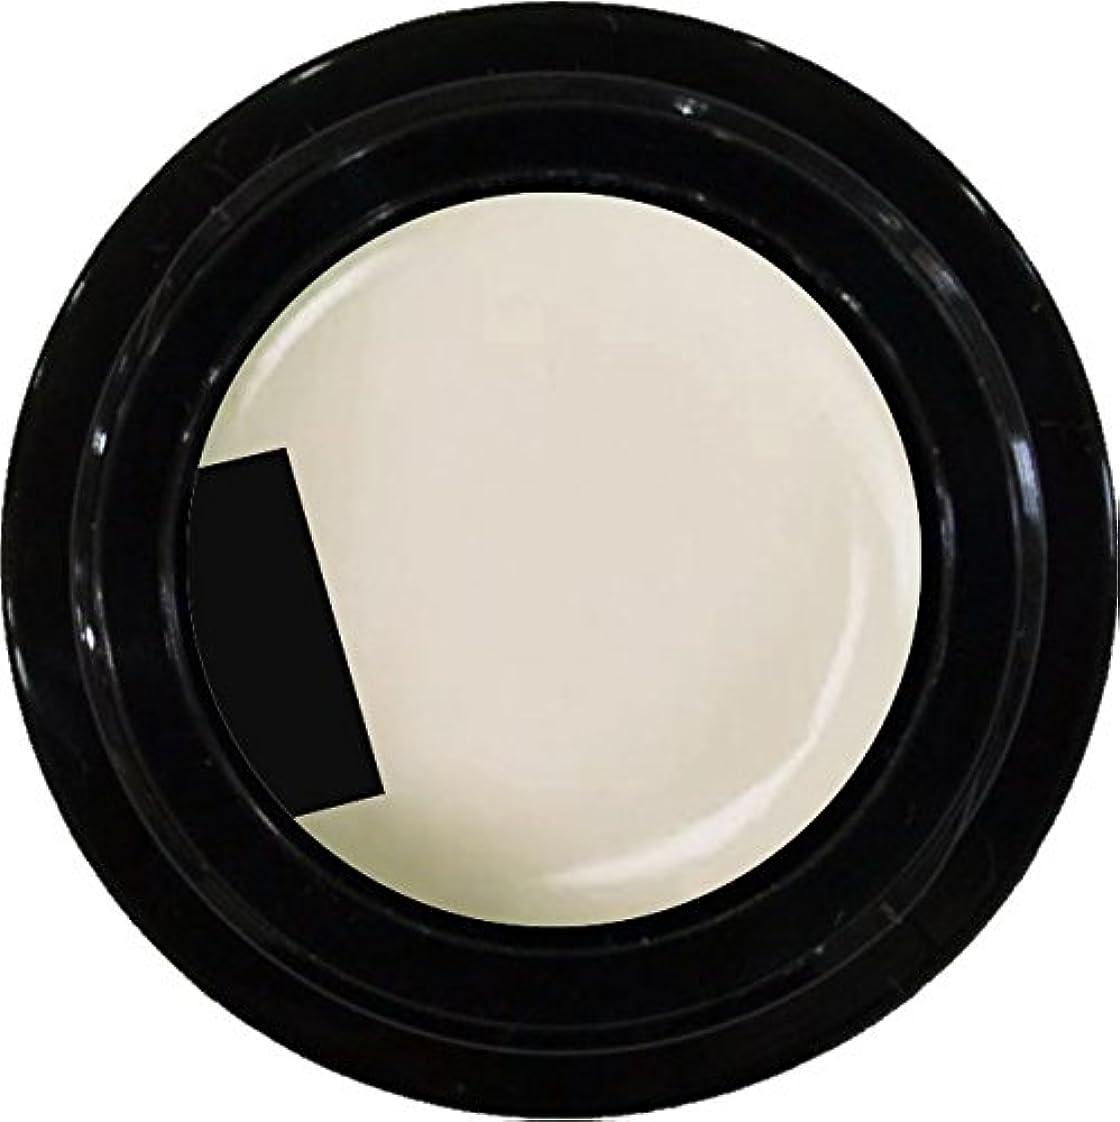 逃すにやにや常にカラージェル enchant color gel M006 MilkyWhite 3g/ マットカラージェル M006 ミルキーホワイト 3グラム